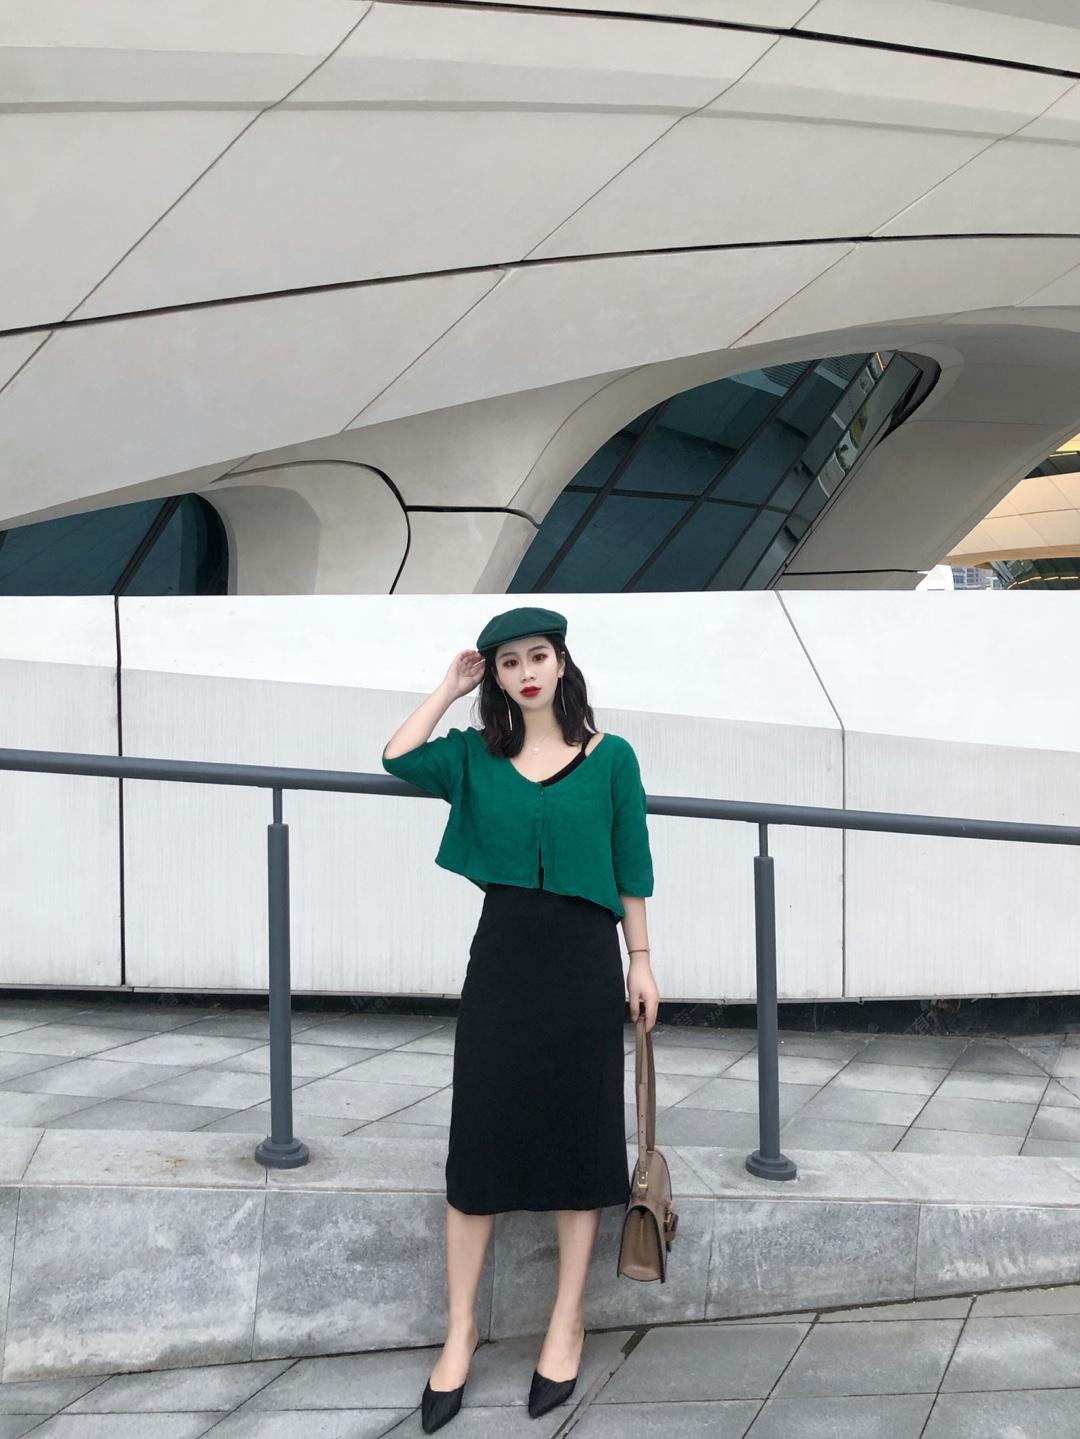 #假胯宽这样穿,腿长又瘦# 酱,今日是复古风 小外套是亚麻面料的 看起来稳重 墨绿色的颜色很美 里面搭配了一条吊带 和半身裙  搭配一双高跟鞋 超级有气质的呀 回头率也高